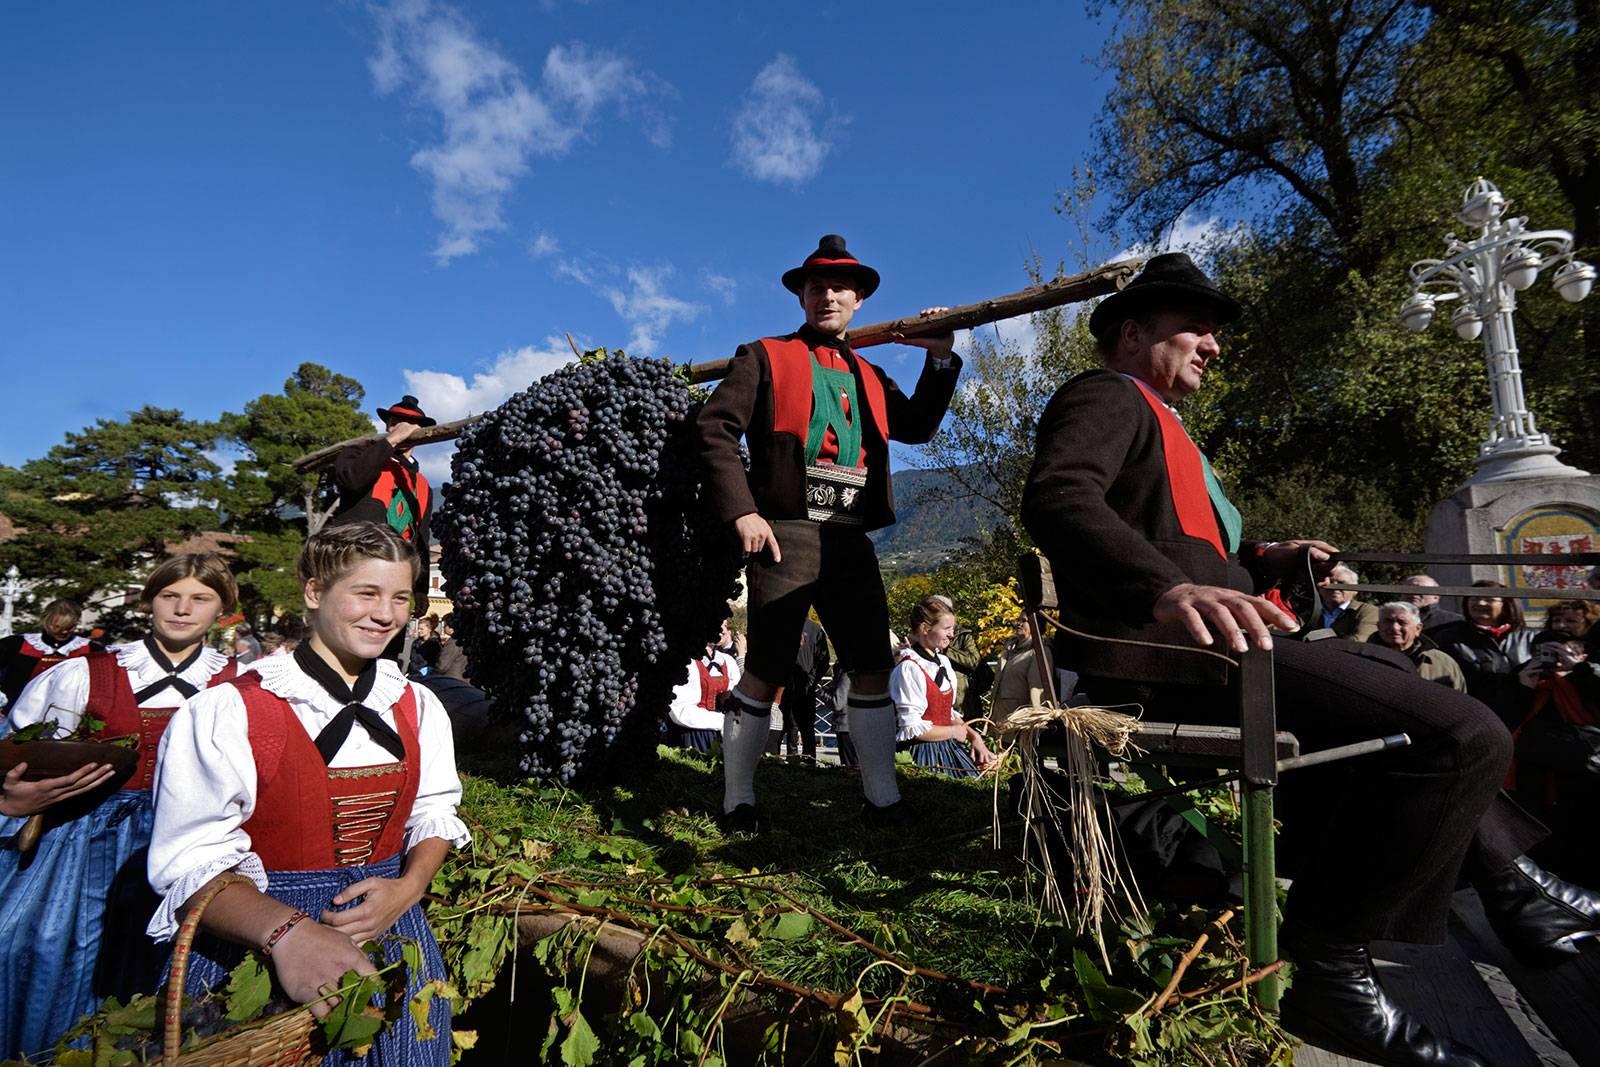 Праздники и фестивали германии: как отдыхают немцы